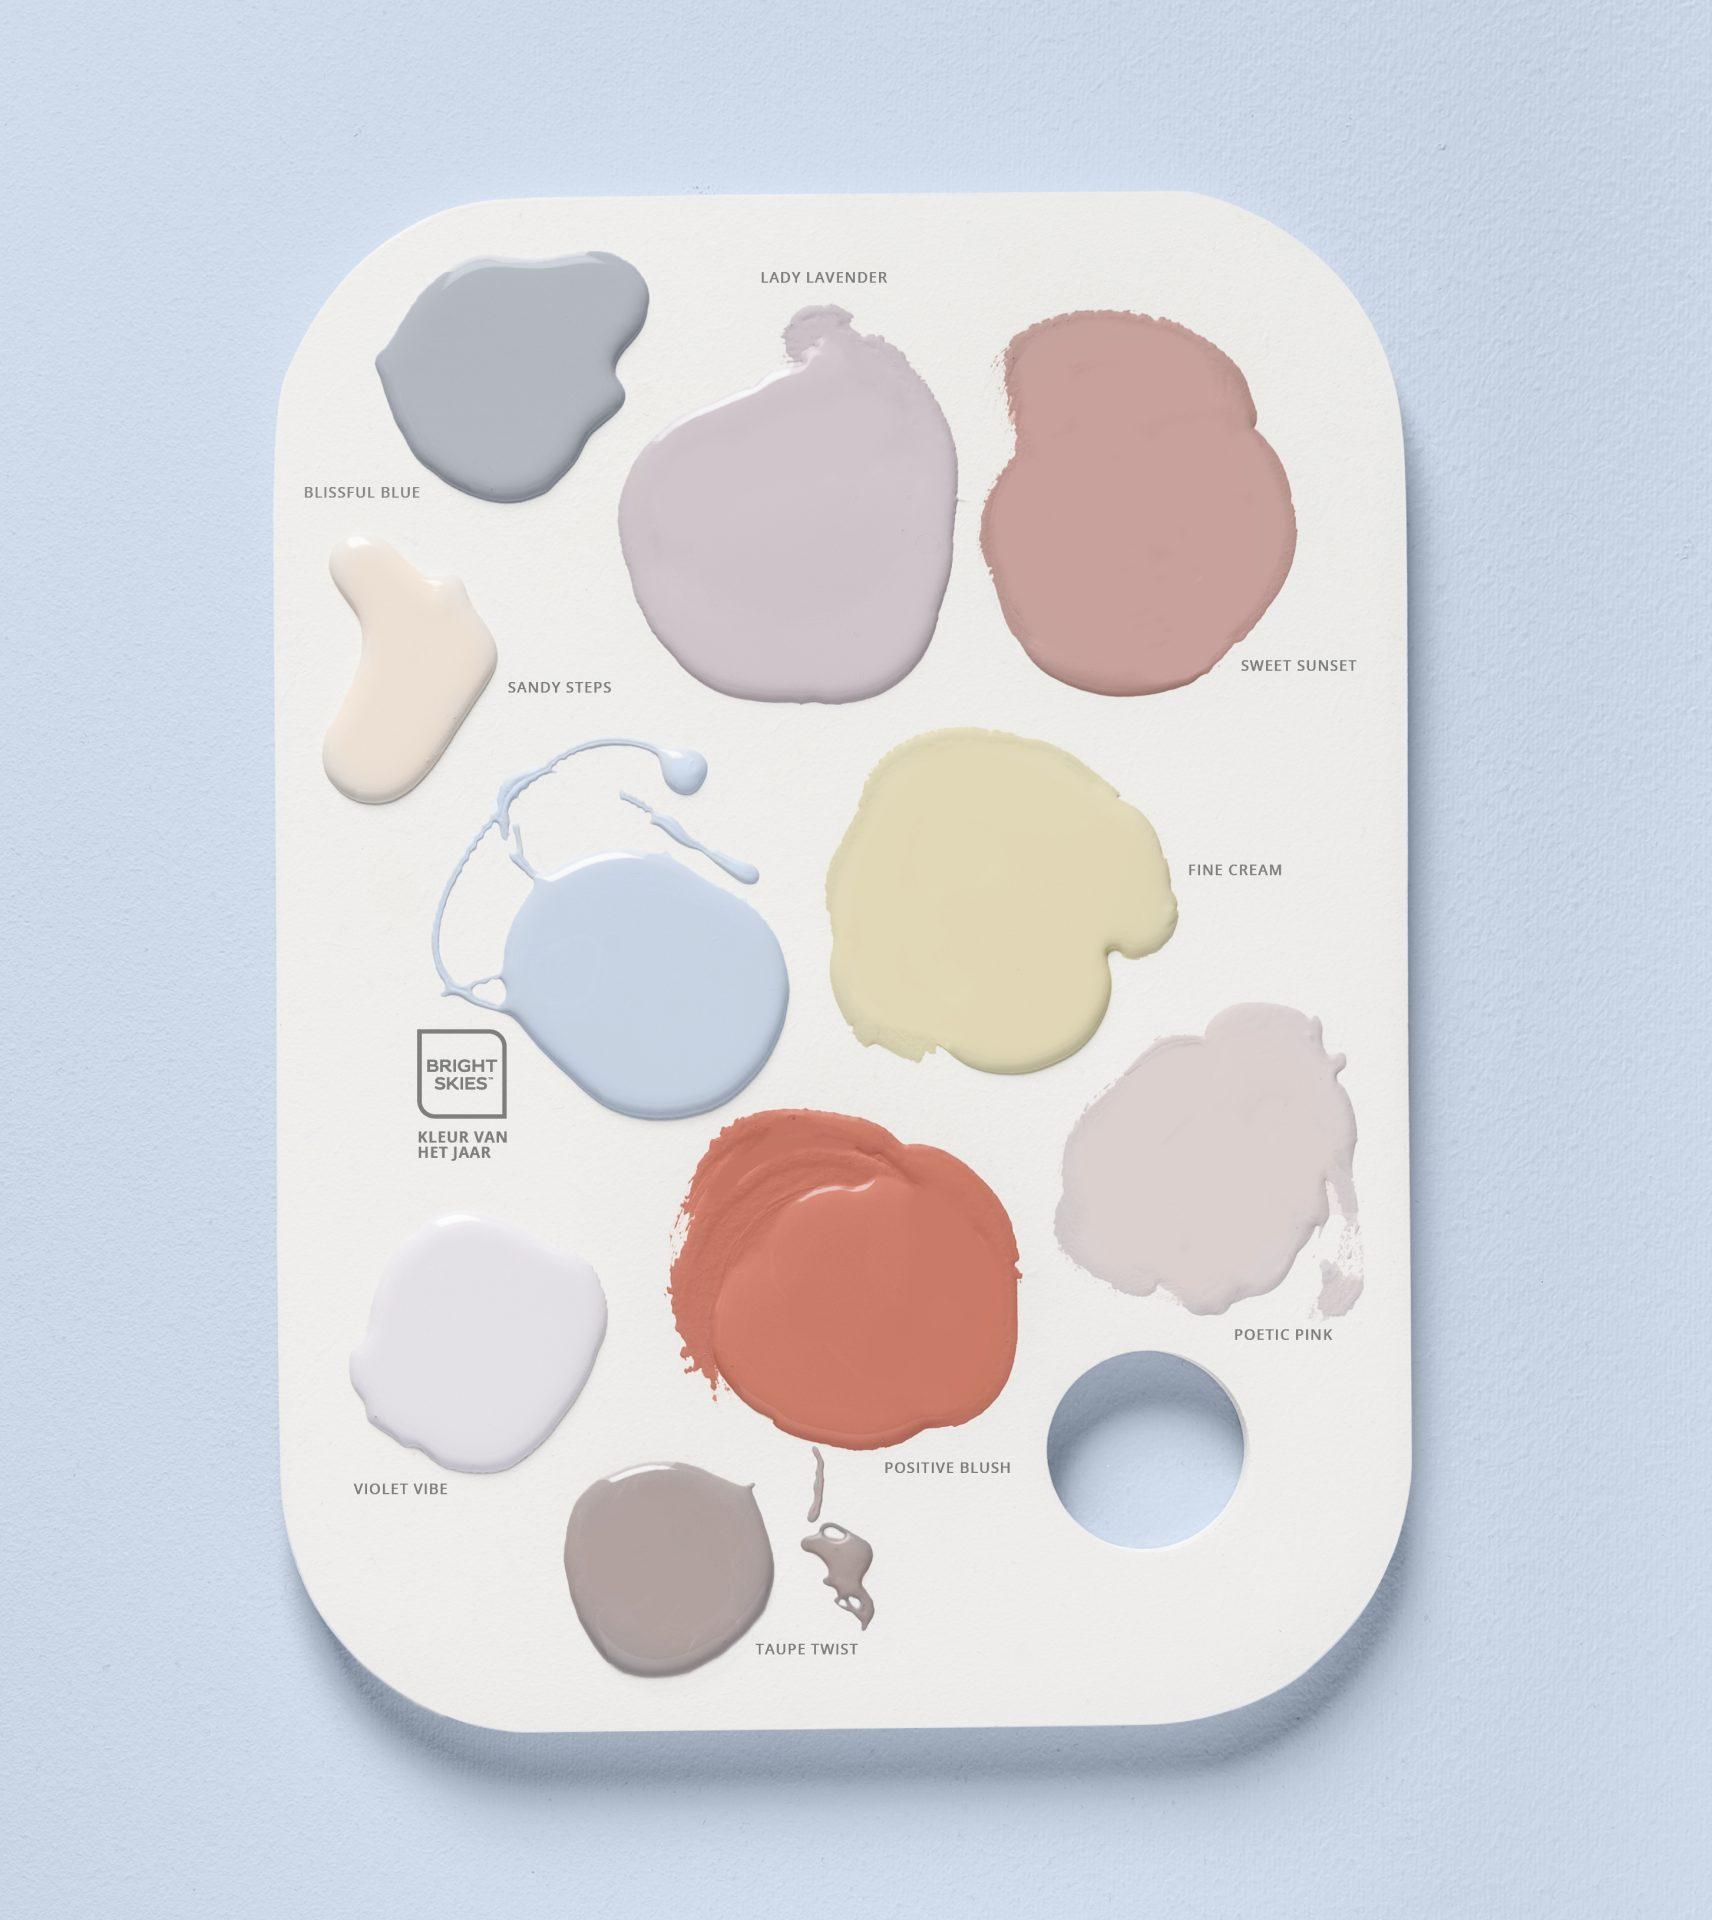 Flexa-Kleur-van-het-Jaar-2022-Bright-Skies-Kleurentrends-2022-Studio-kleurpalet-met-namen